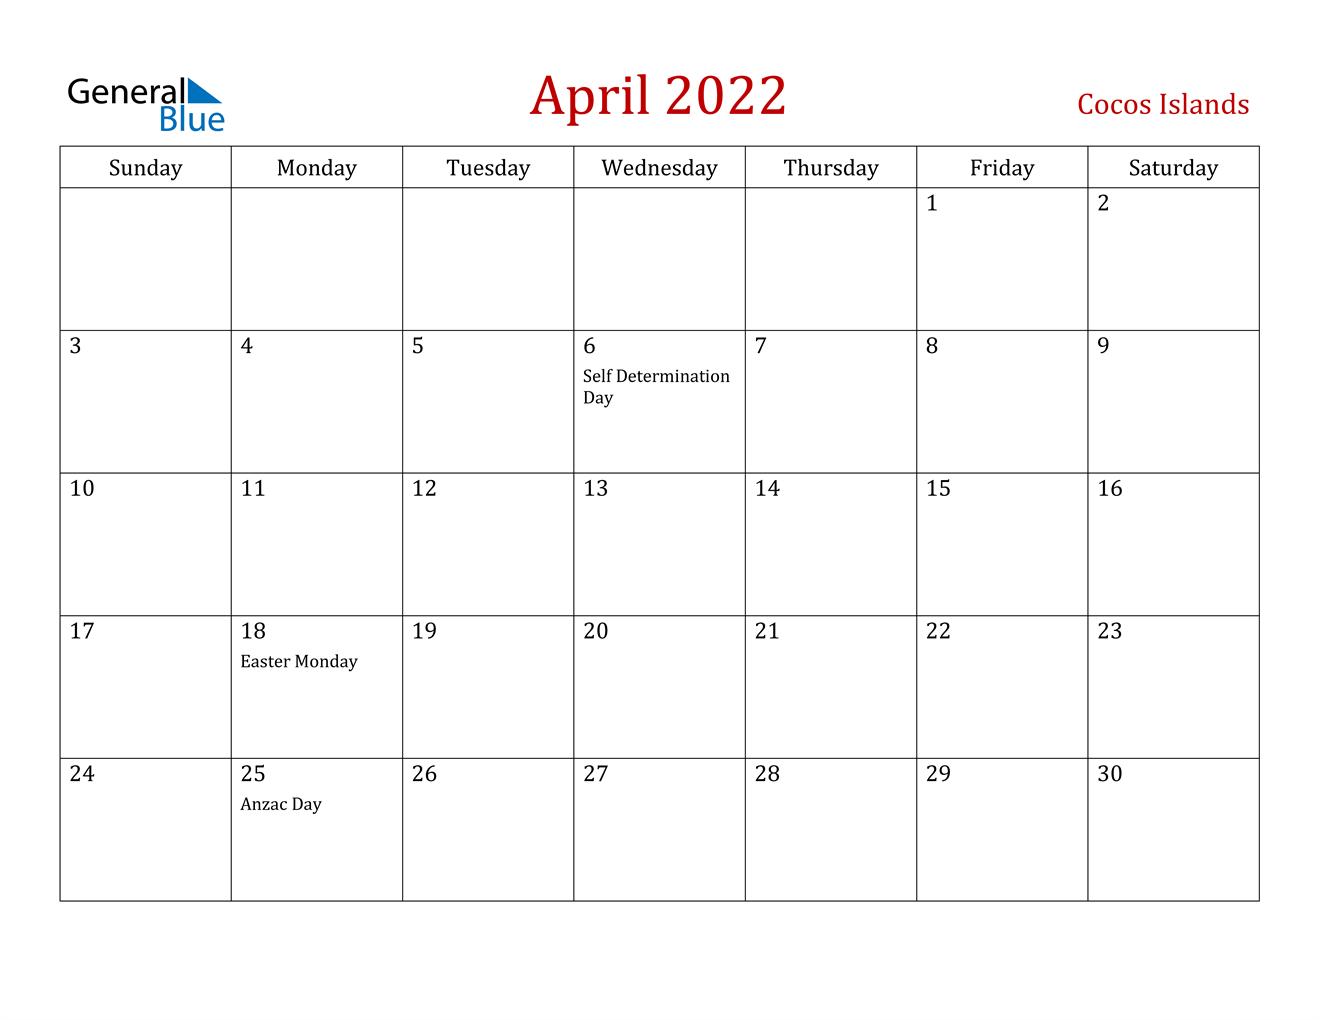 April 2022 Calendar - Cocos Islands